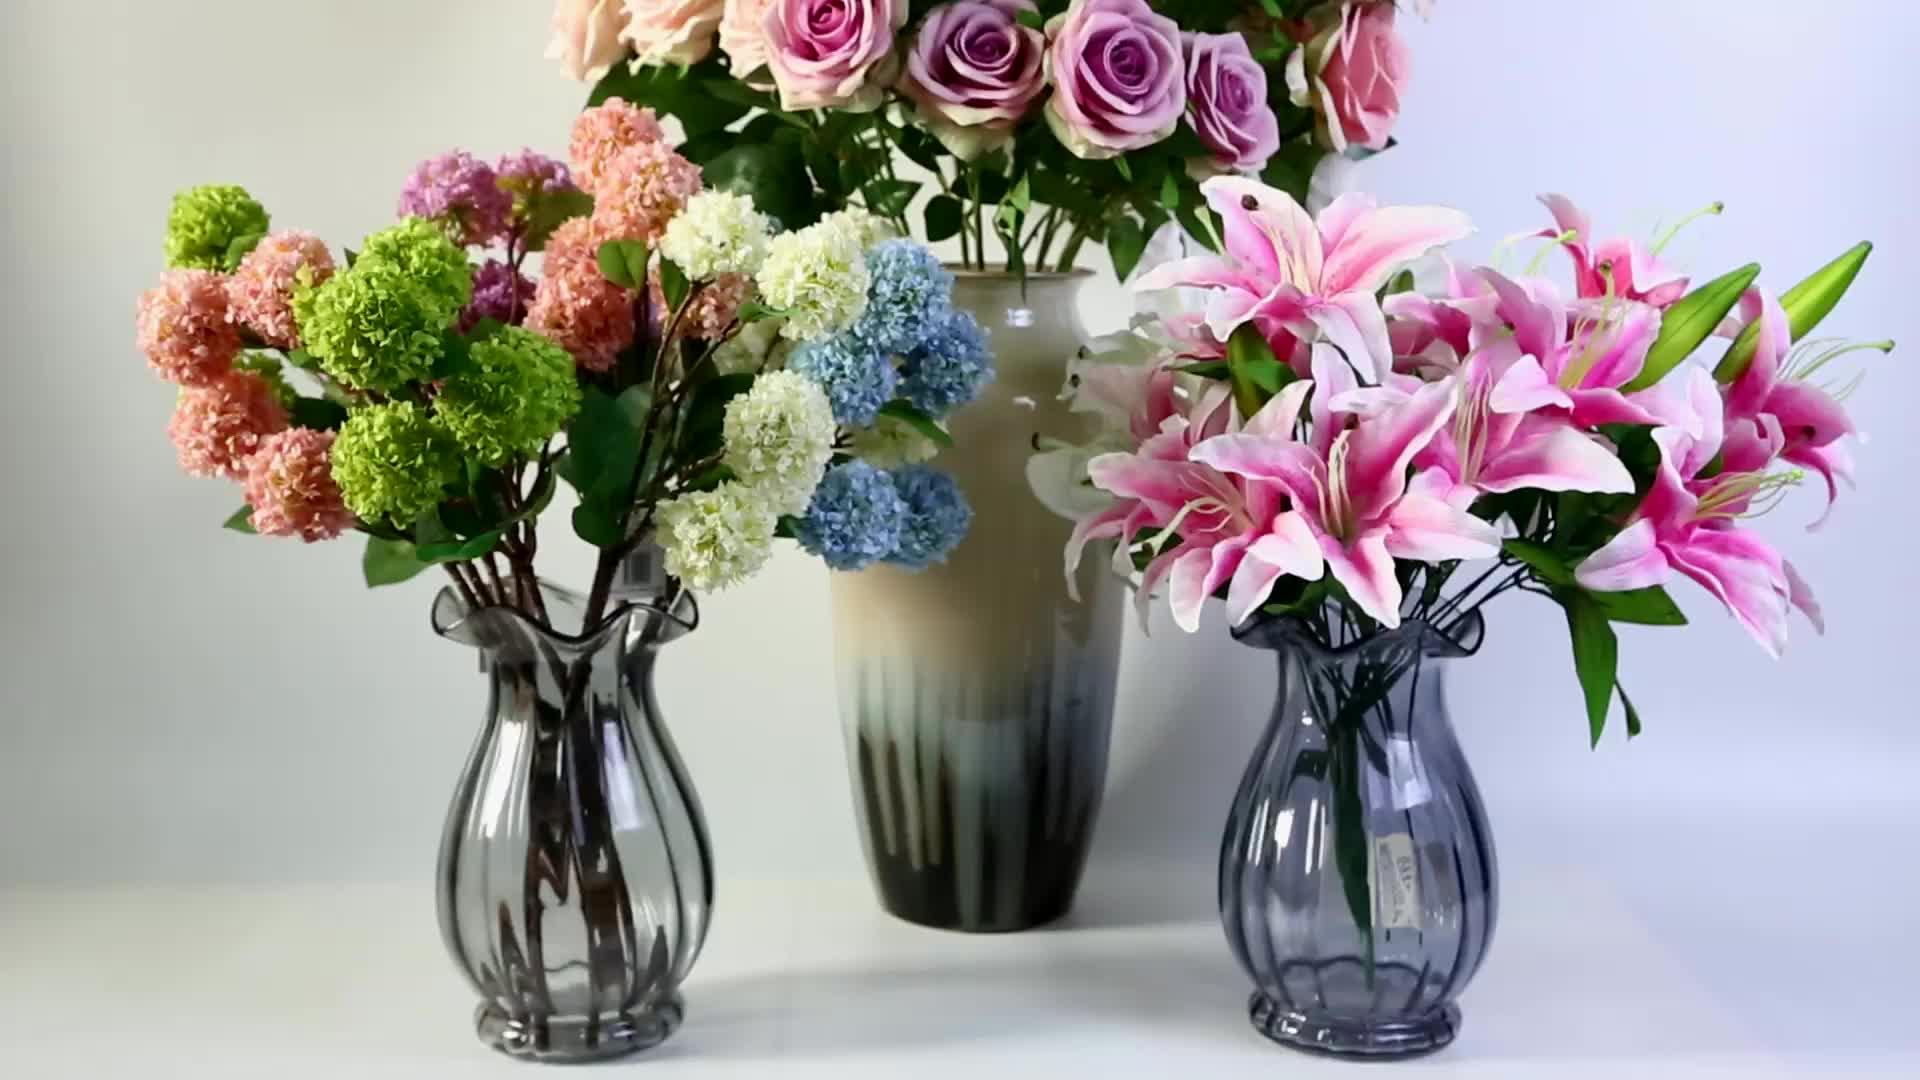 Látex macio do toque real 5 cabeças flor do plutônio tulipa artificial champanhe papagaio tulipa branca para a decoração